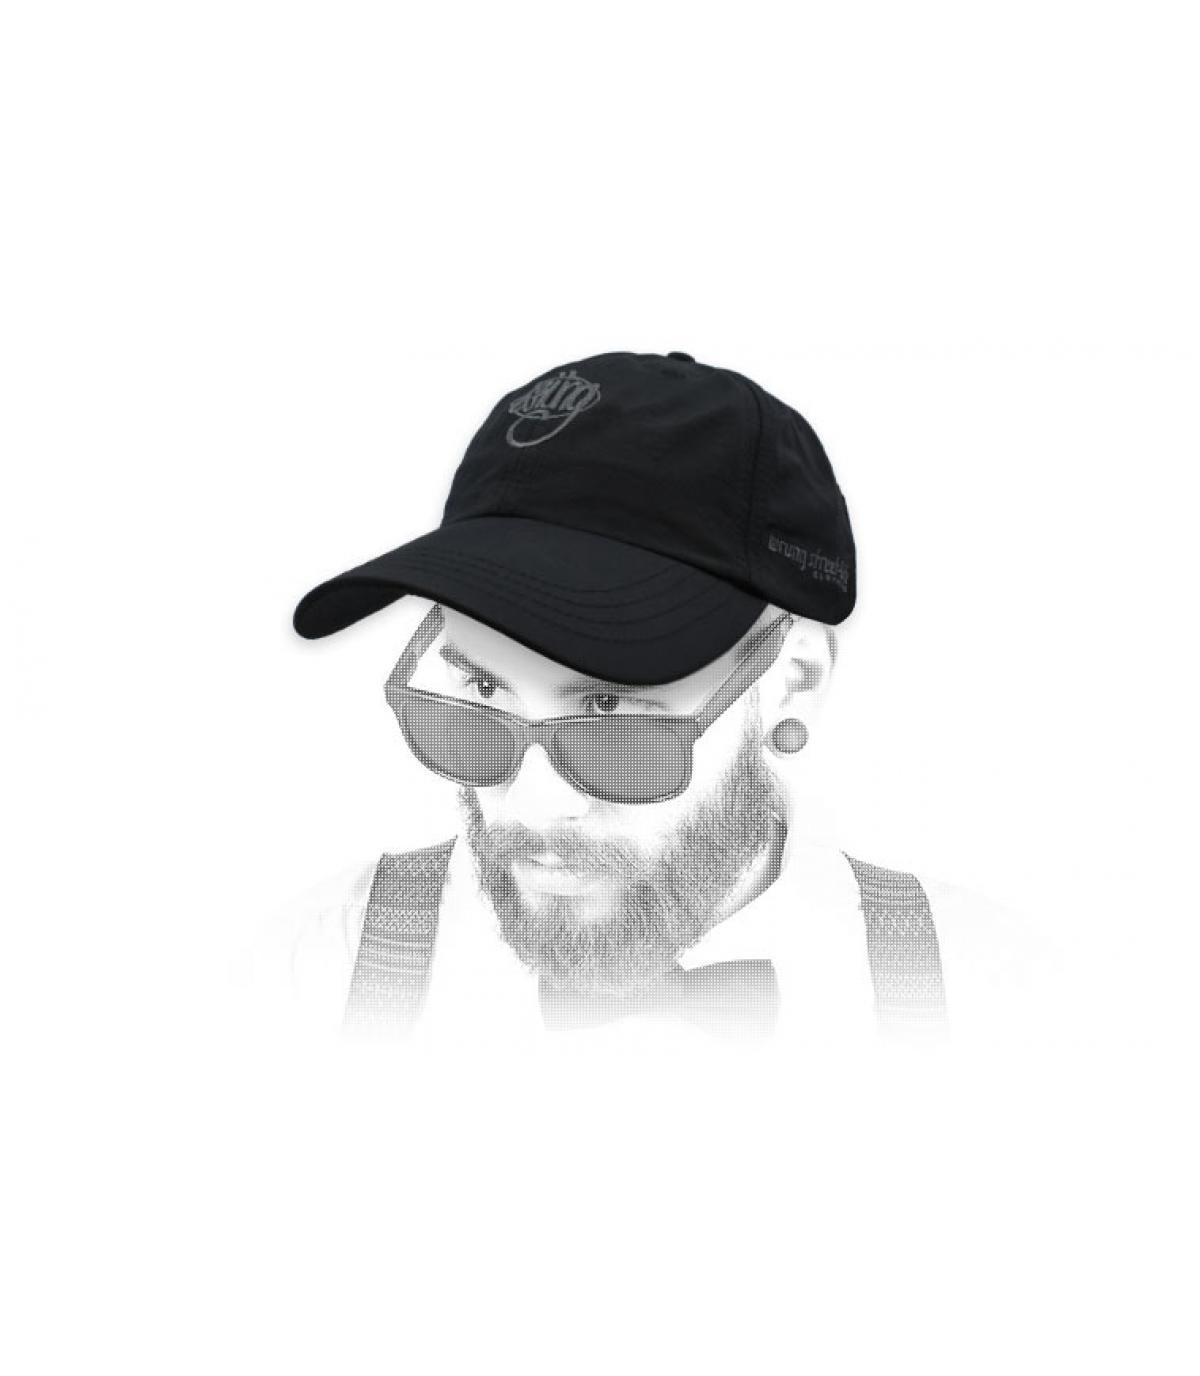 Cappuccio nero con logo nero 90